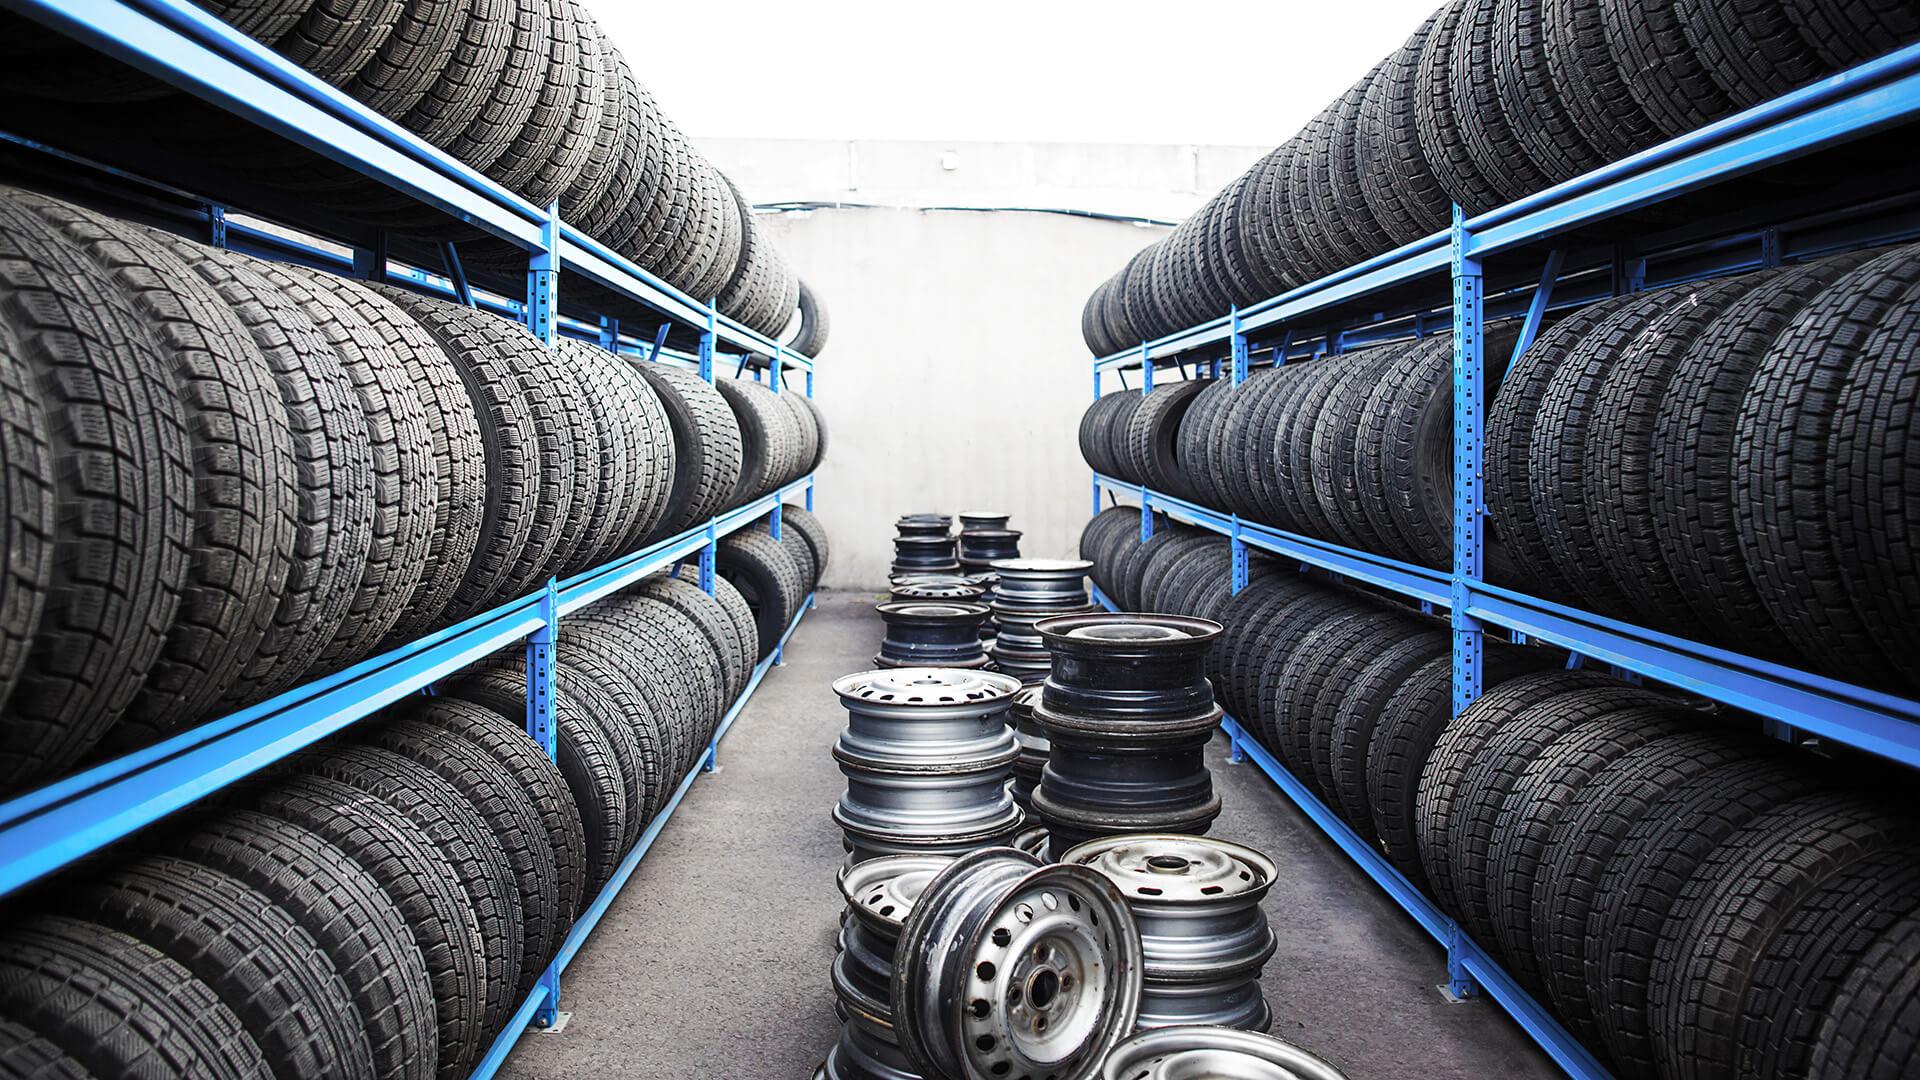 Сертифицированные шины в Харькове от лучших производителей с предоставлением гарантий для автовладельцев легковых и внедорожников